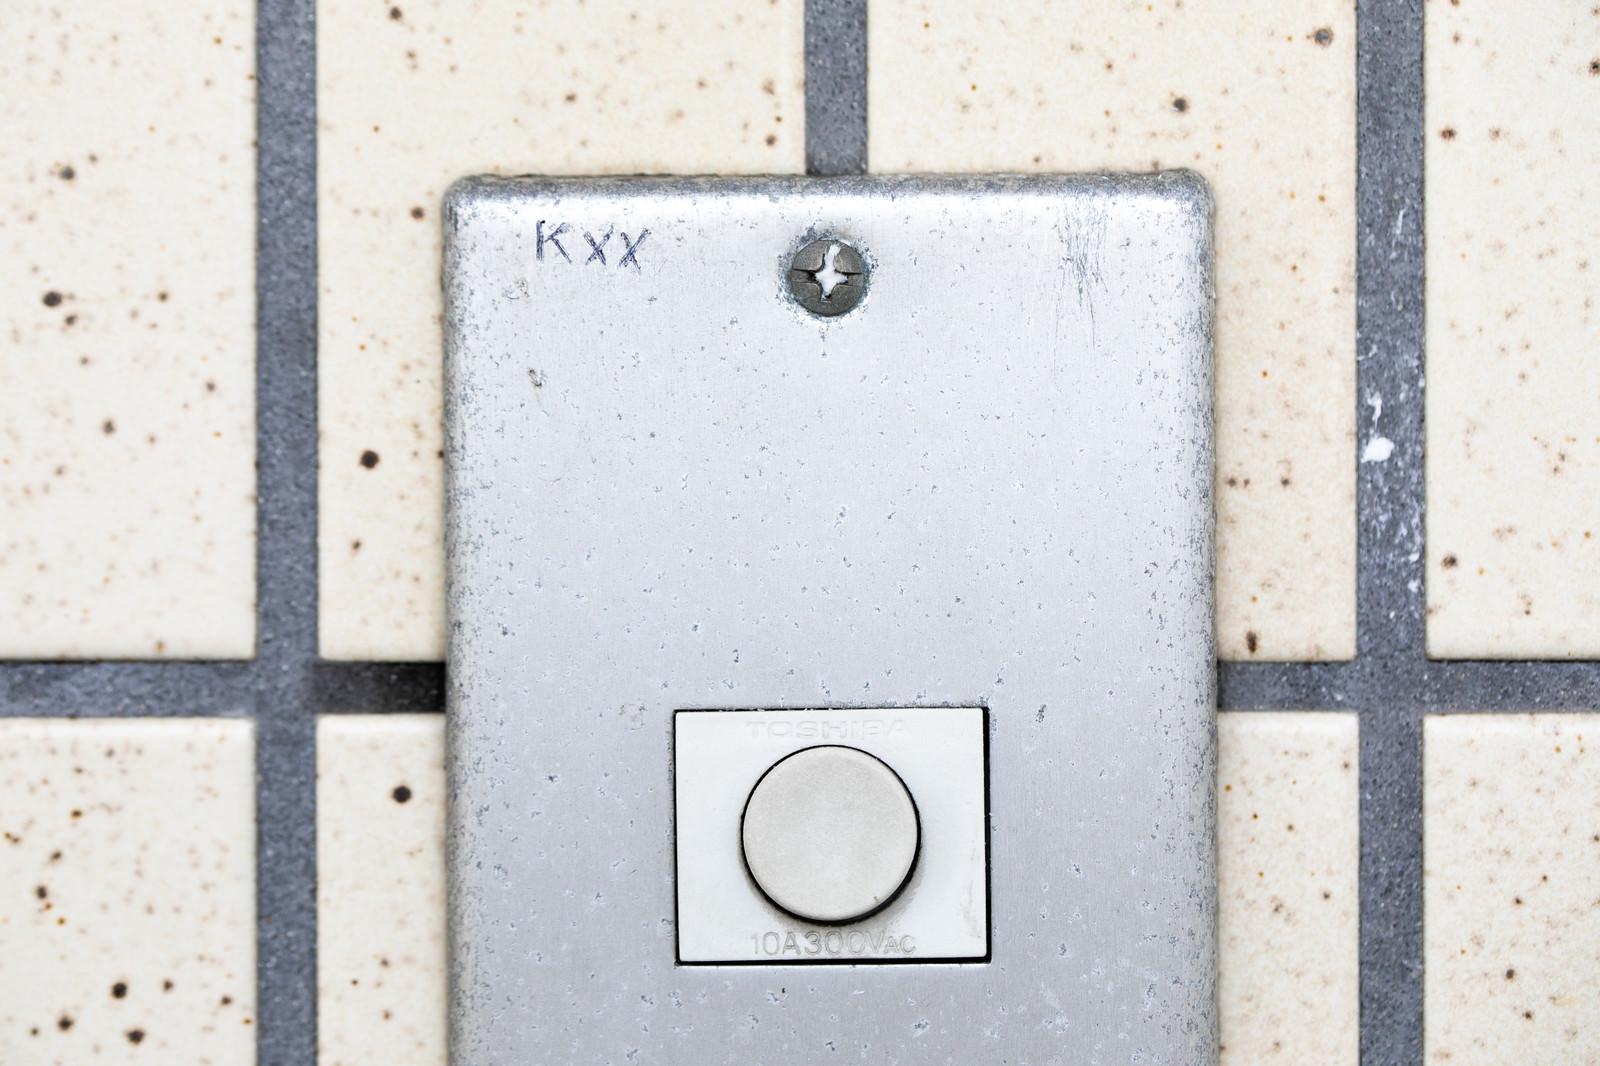 「玄関チャイムのマーキング(Kxx)ー「玄関を開けずに2回断られた」」の写真